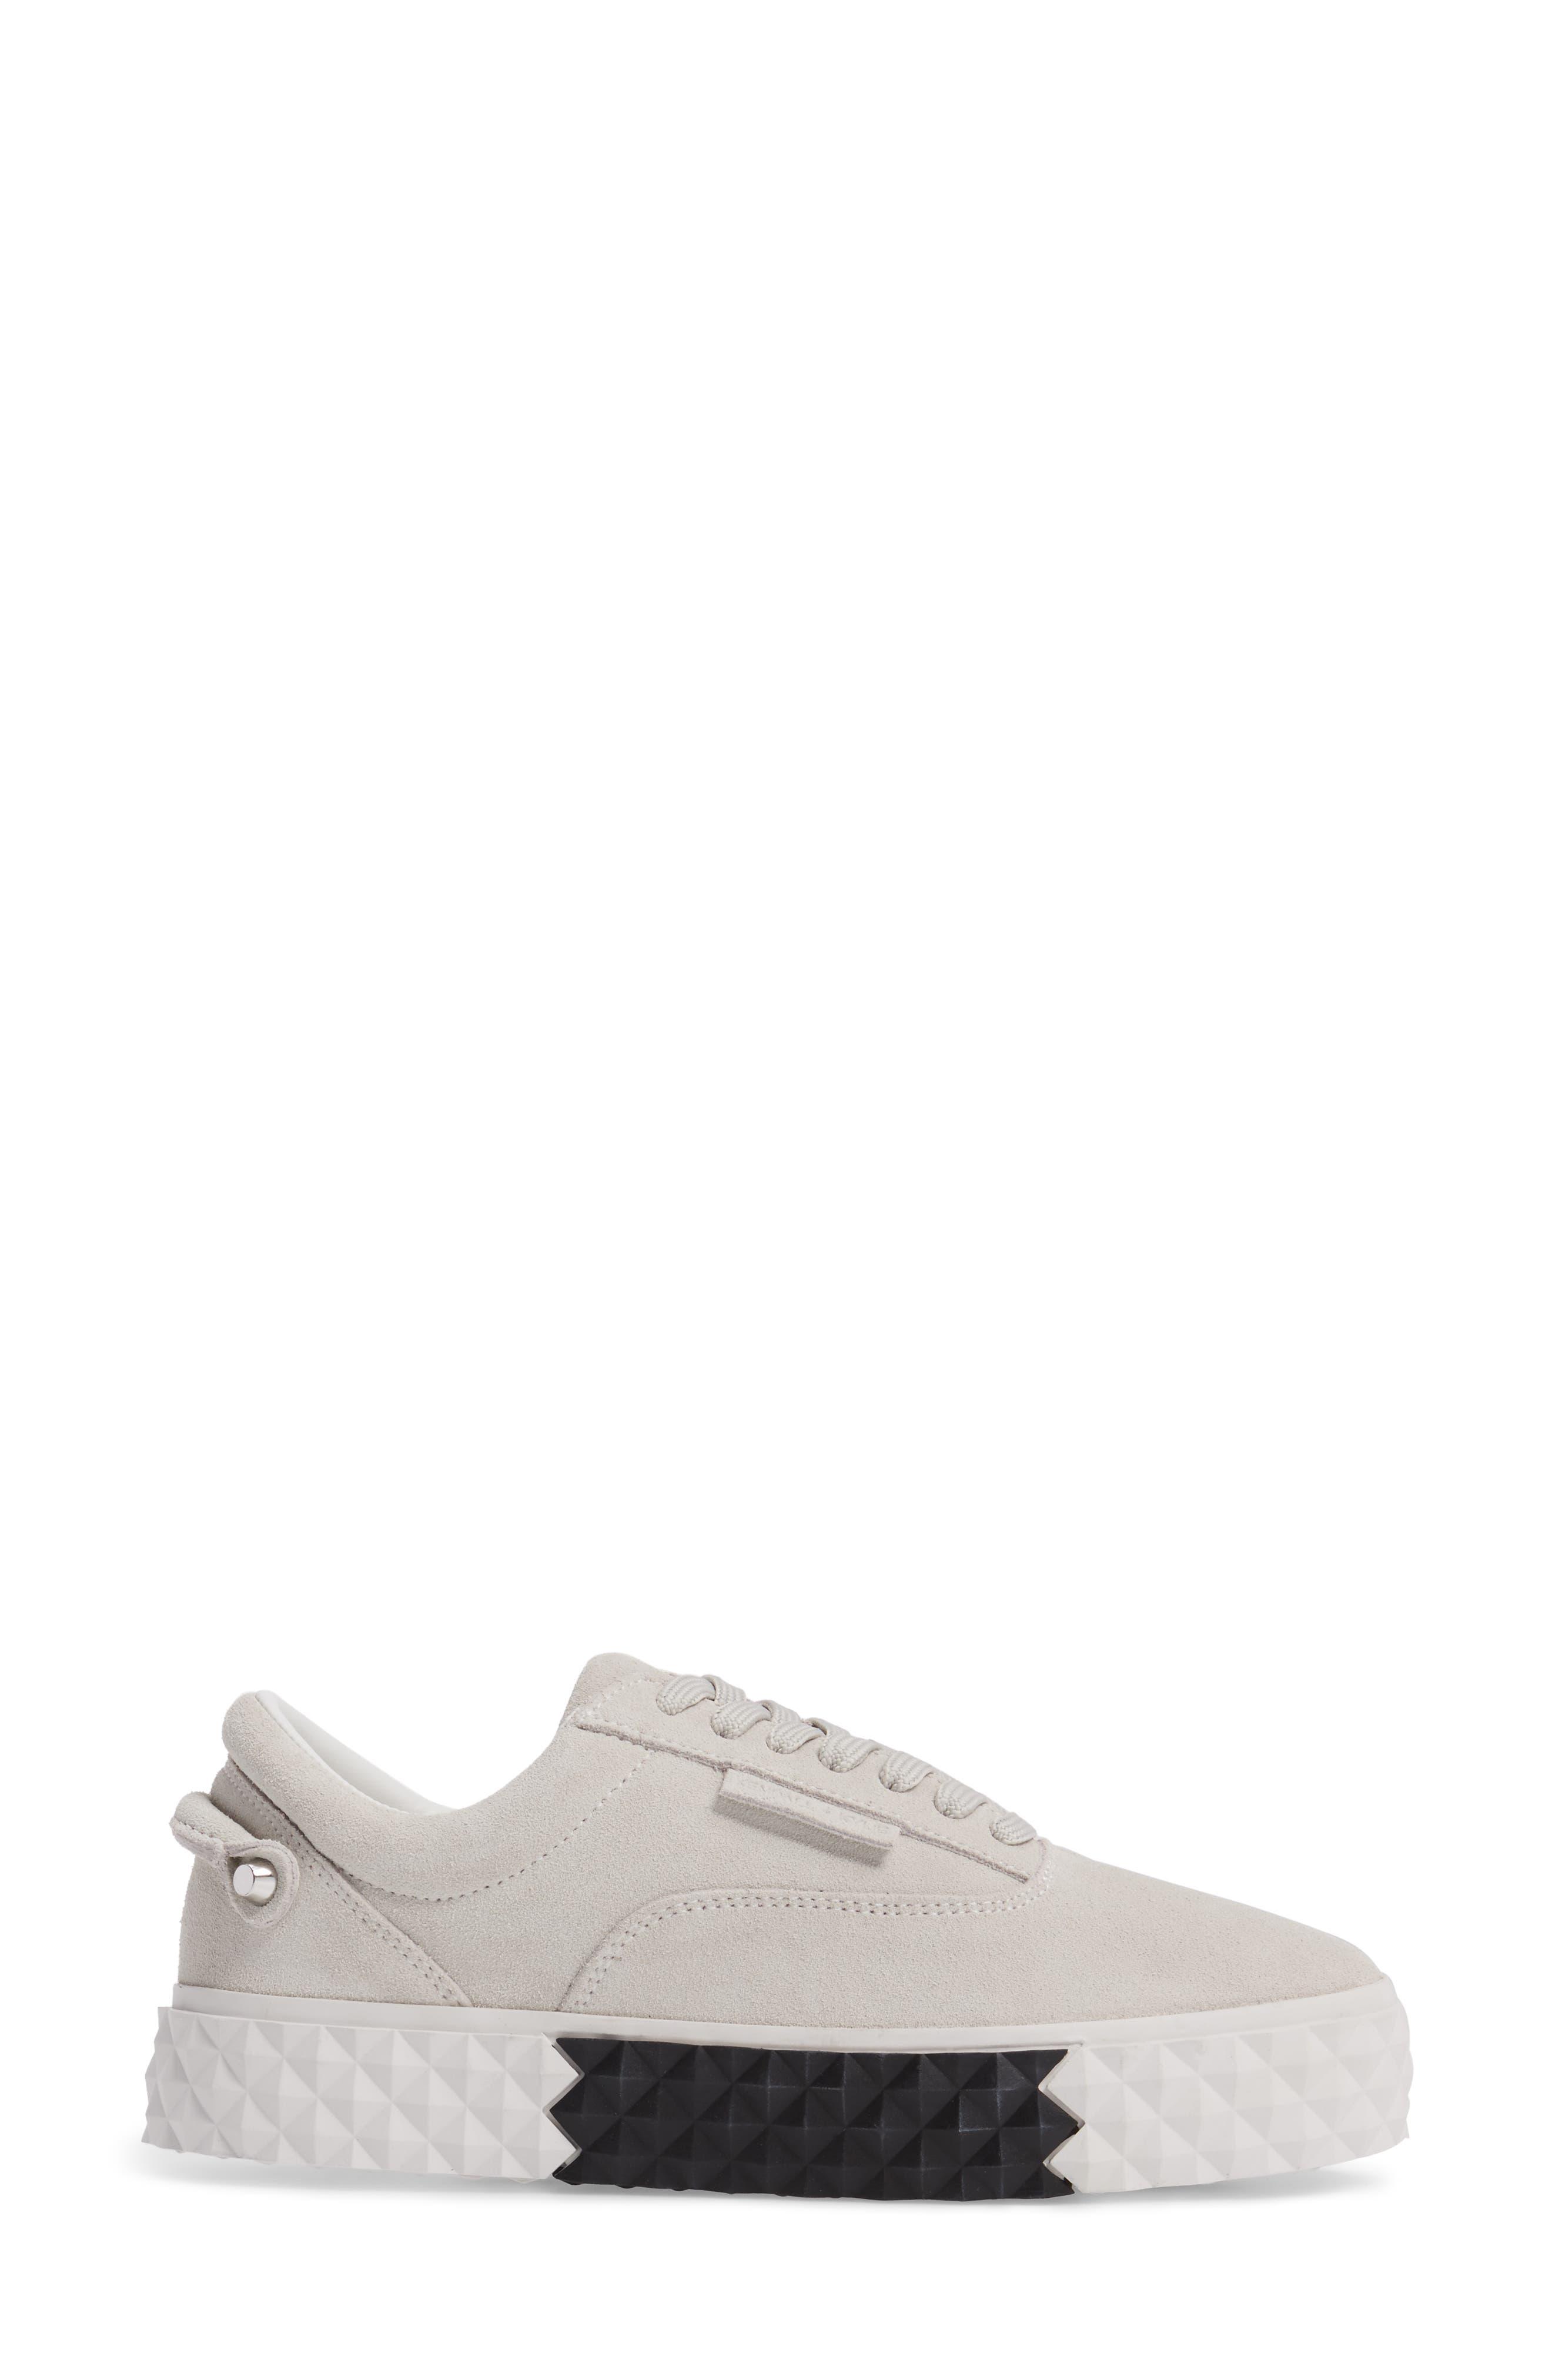 Reign Platform Sneaker,                             Alternate thumbnail 3, color,                             White